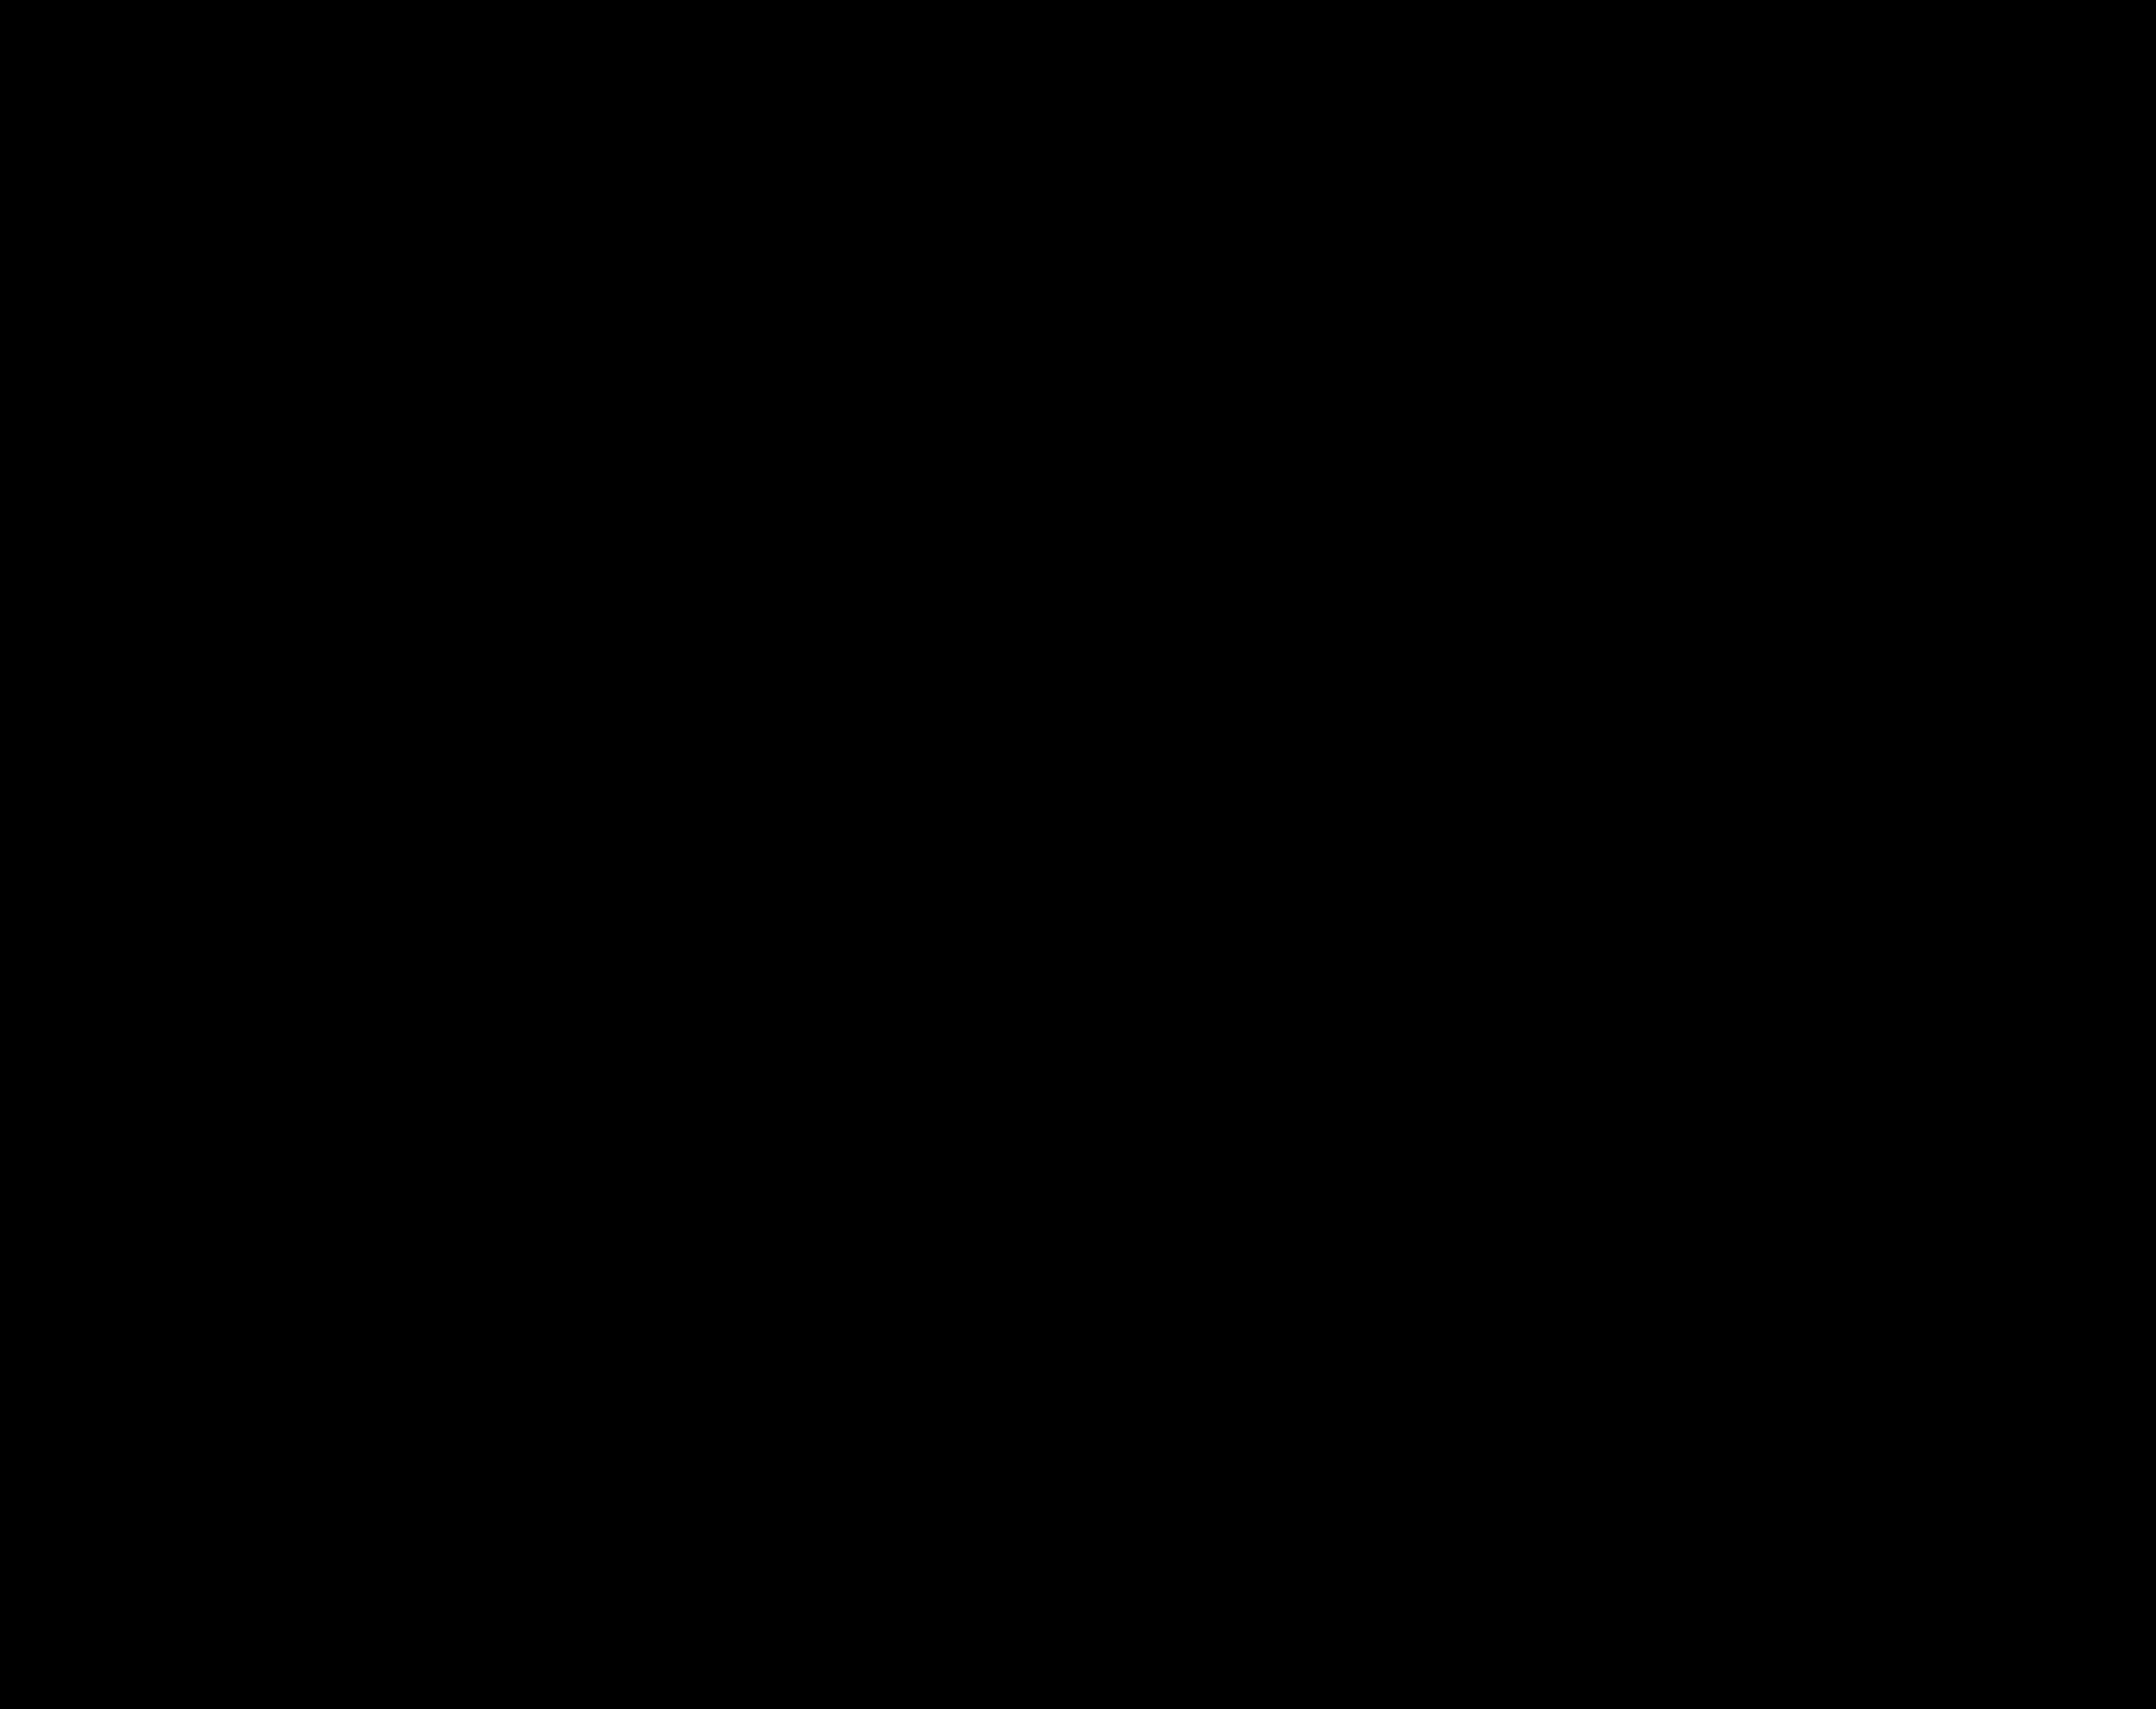 Мститель: аллегорическая карта за 1877 год. Эта карта отражает «Великий восточный кризис» и последующую русско-турецкую войну 1877-78 годов